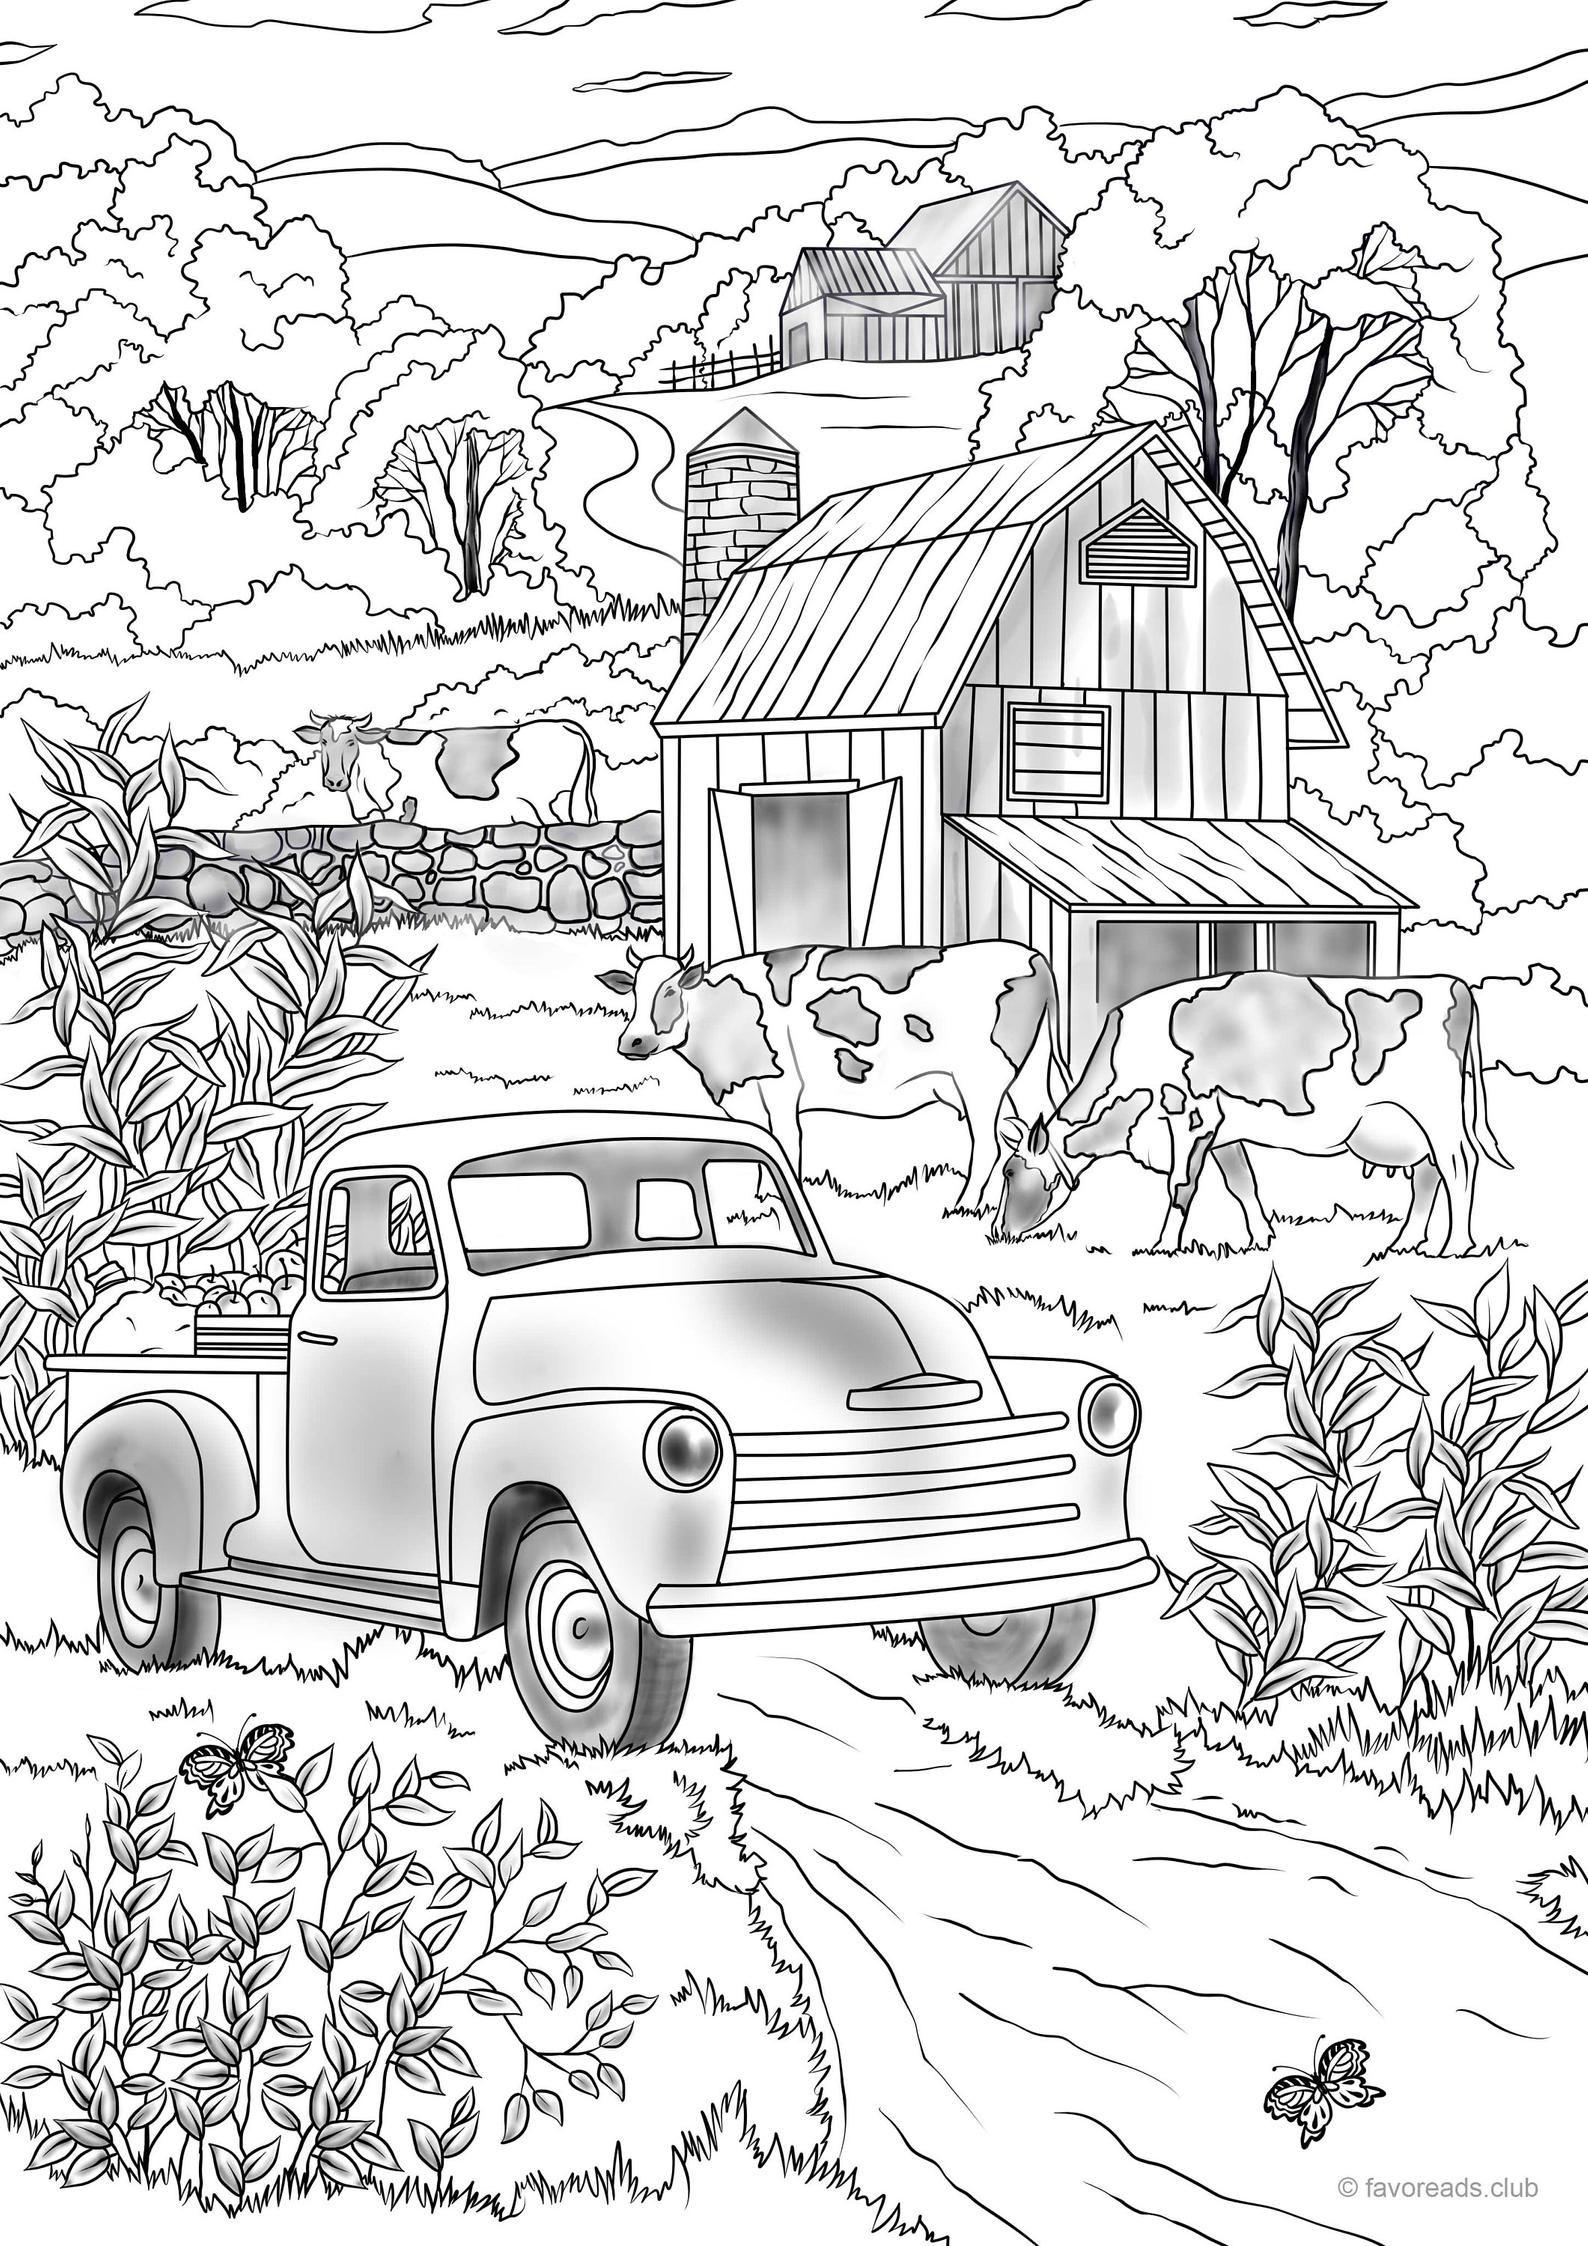 malvorlagen vaiana zum ausdrucken nu  tiffanylovesbooks